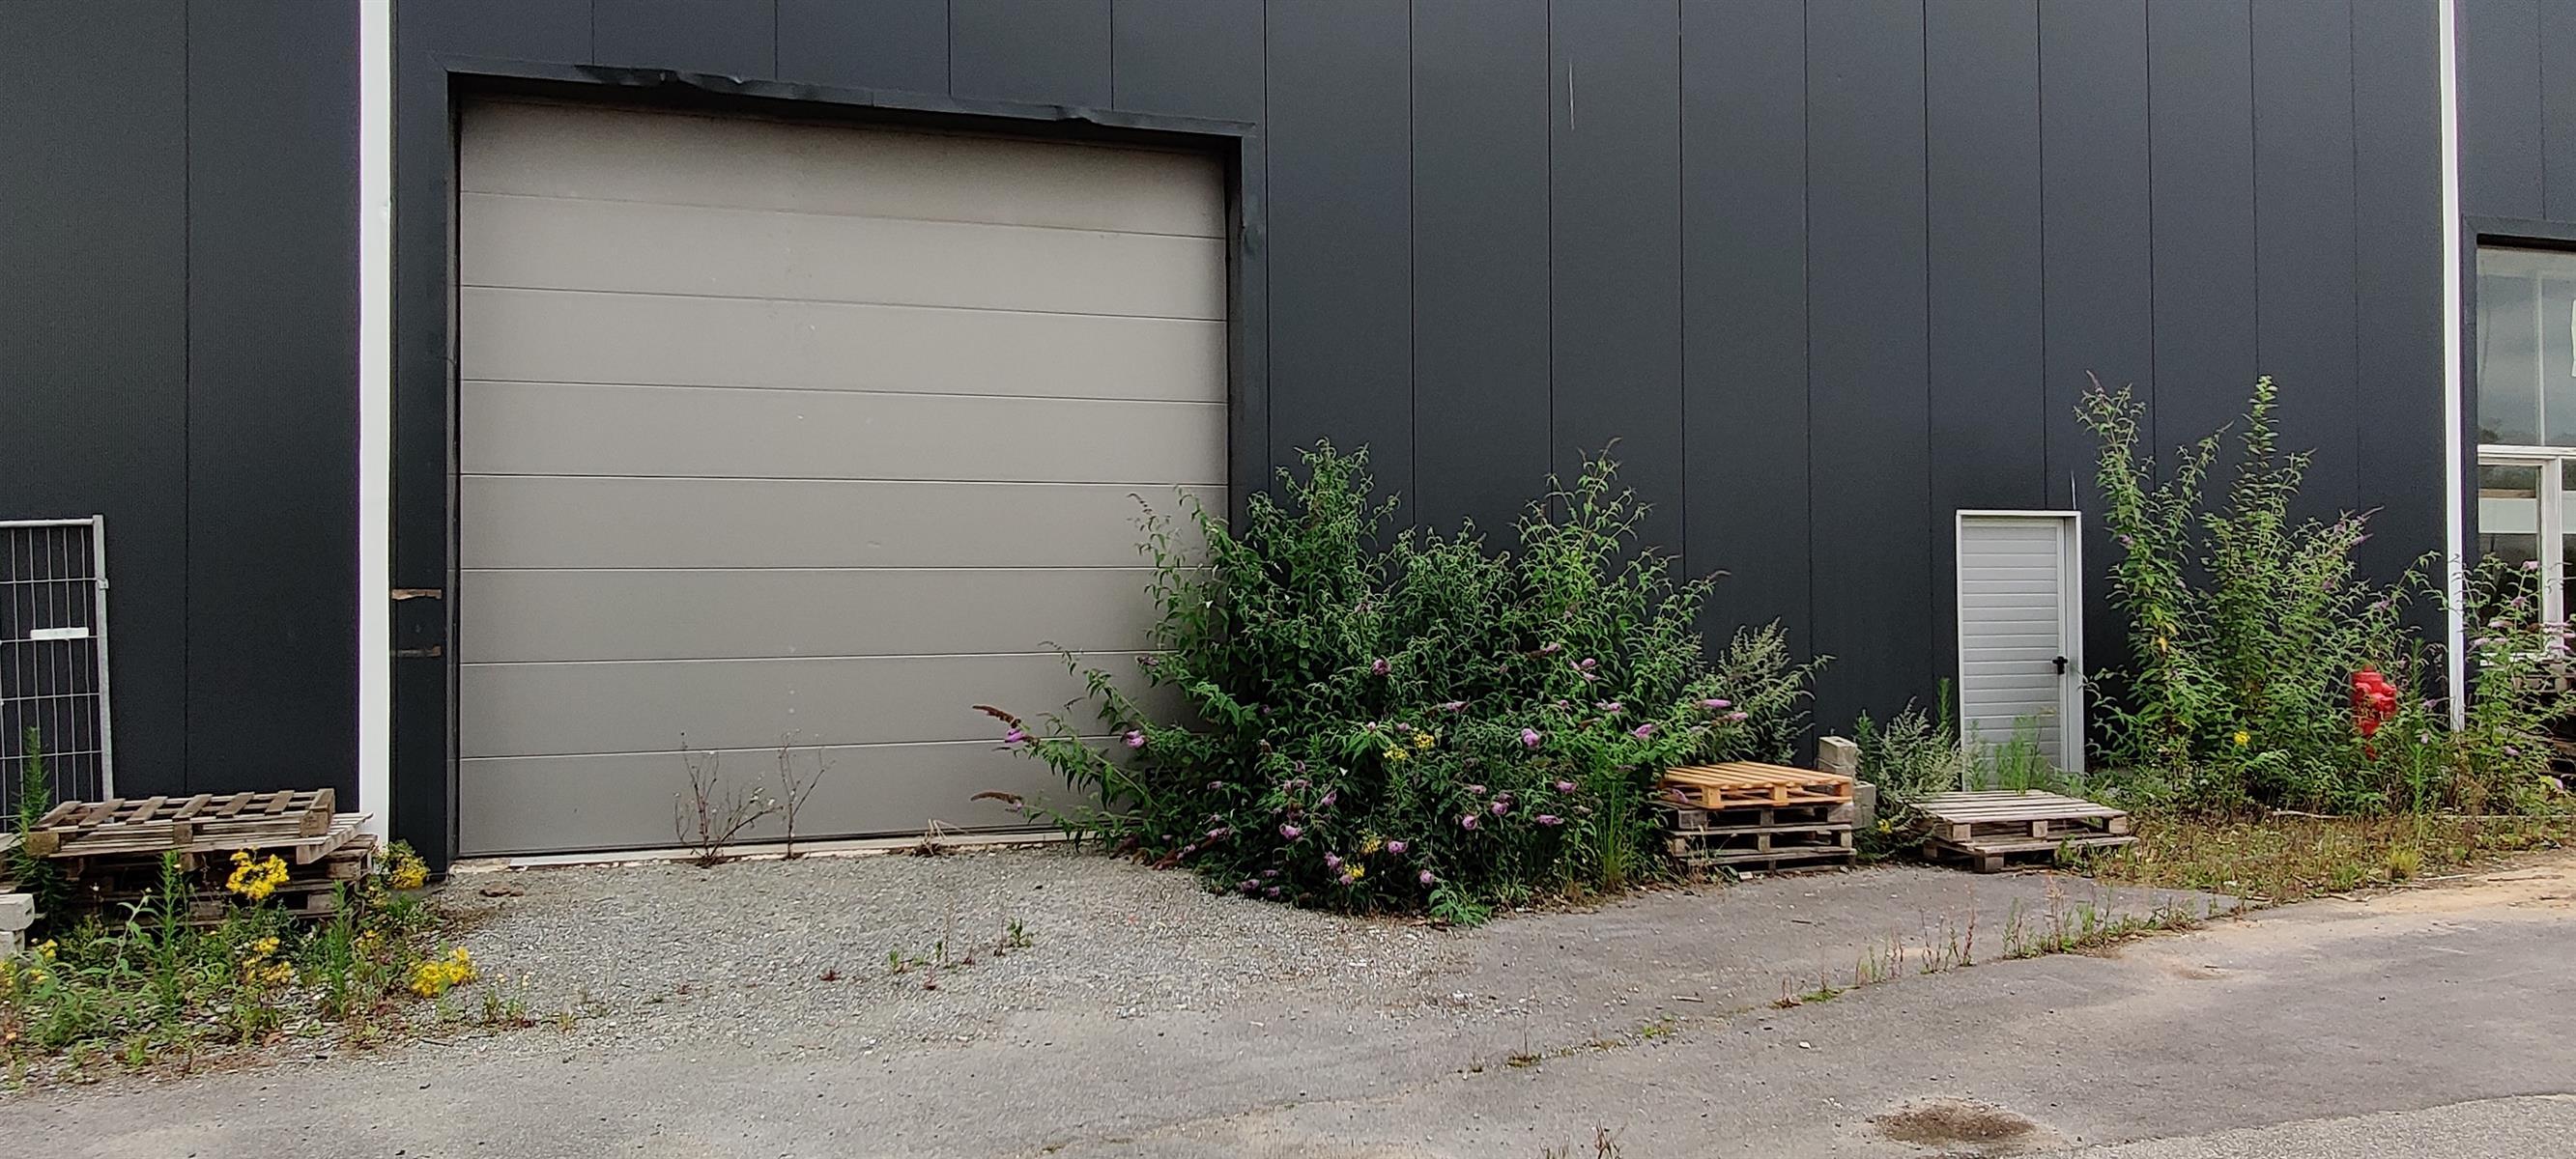 opslagplaats te huur I158 - Lumbeekstraat 38, 1700 Dilbeek Sint-Ulriks-Kapelle, België 5